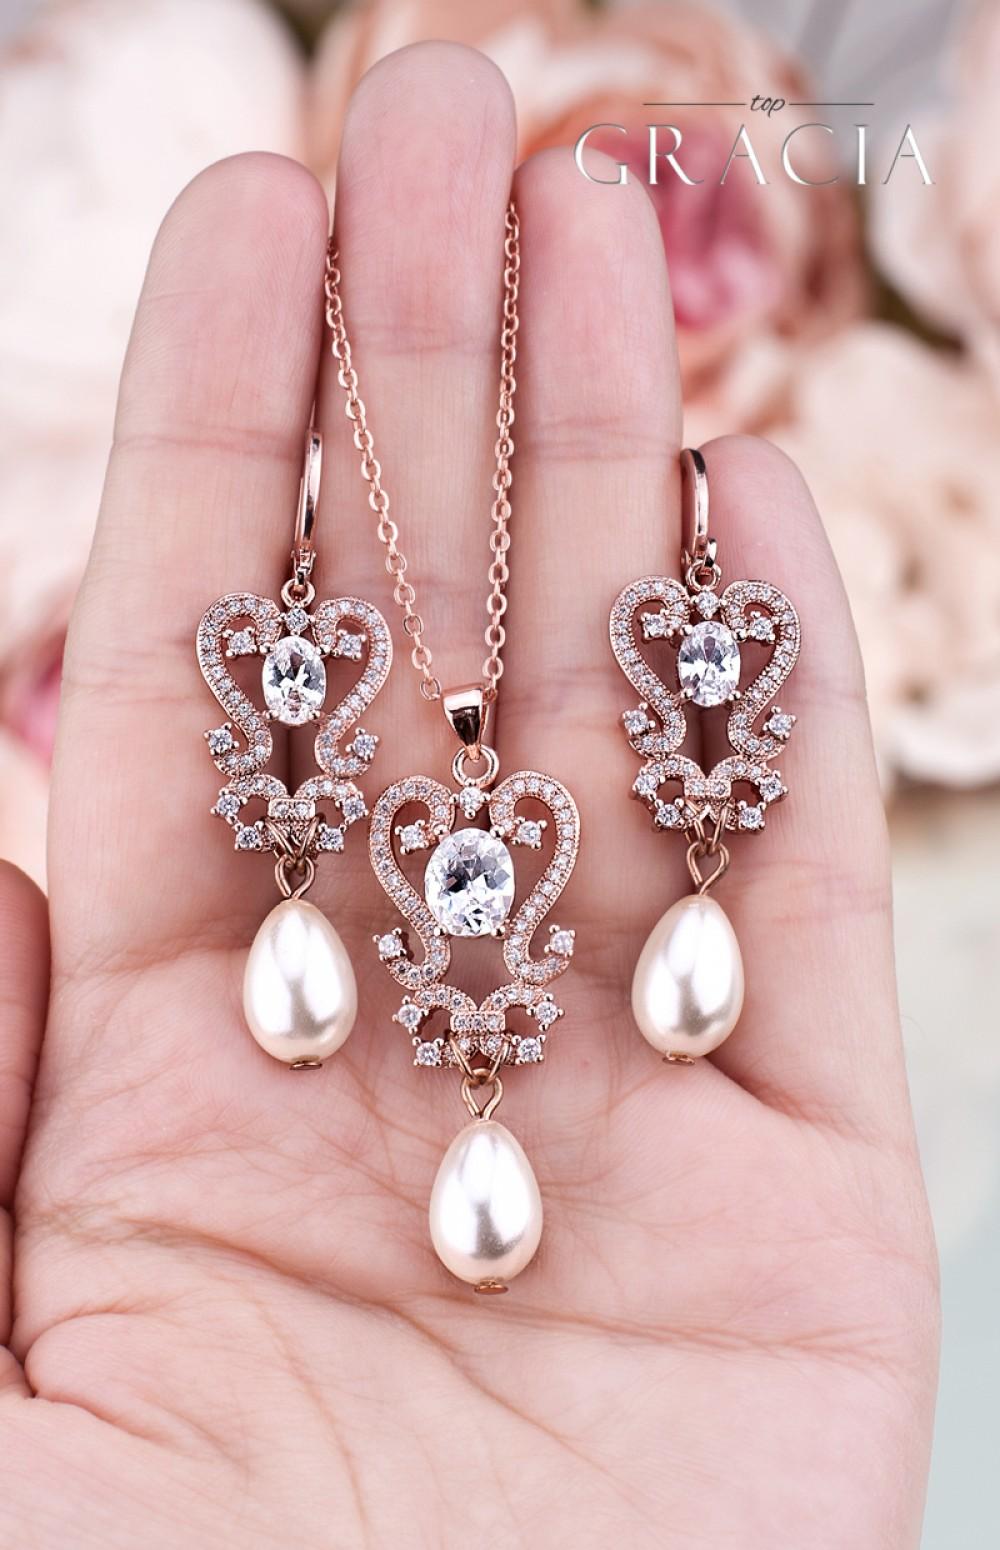 PARASKEVE Rose Gold Wedding Pearl Jewelry Teardrop Earrings Necklace ...